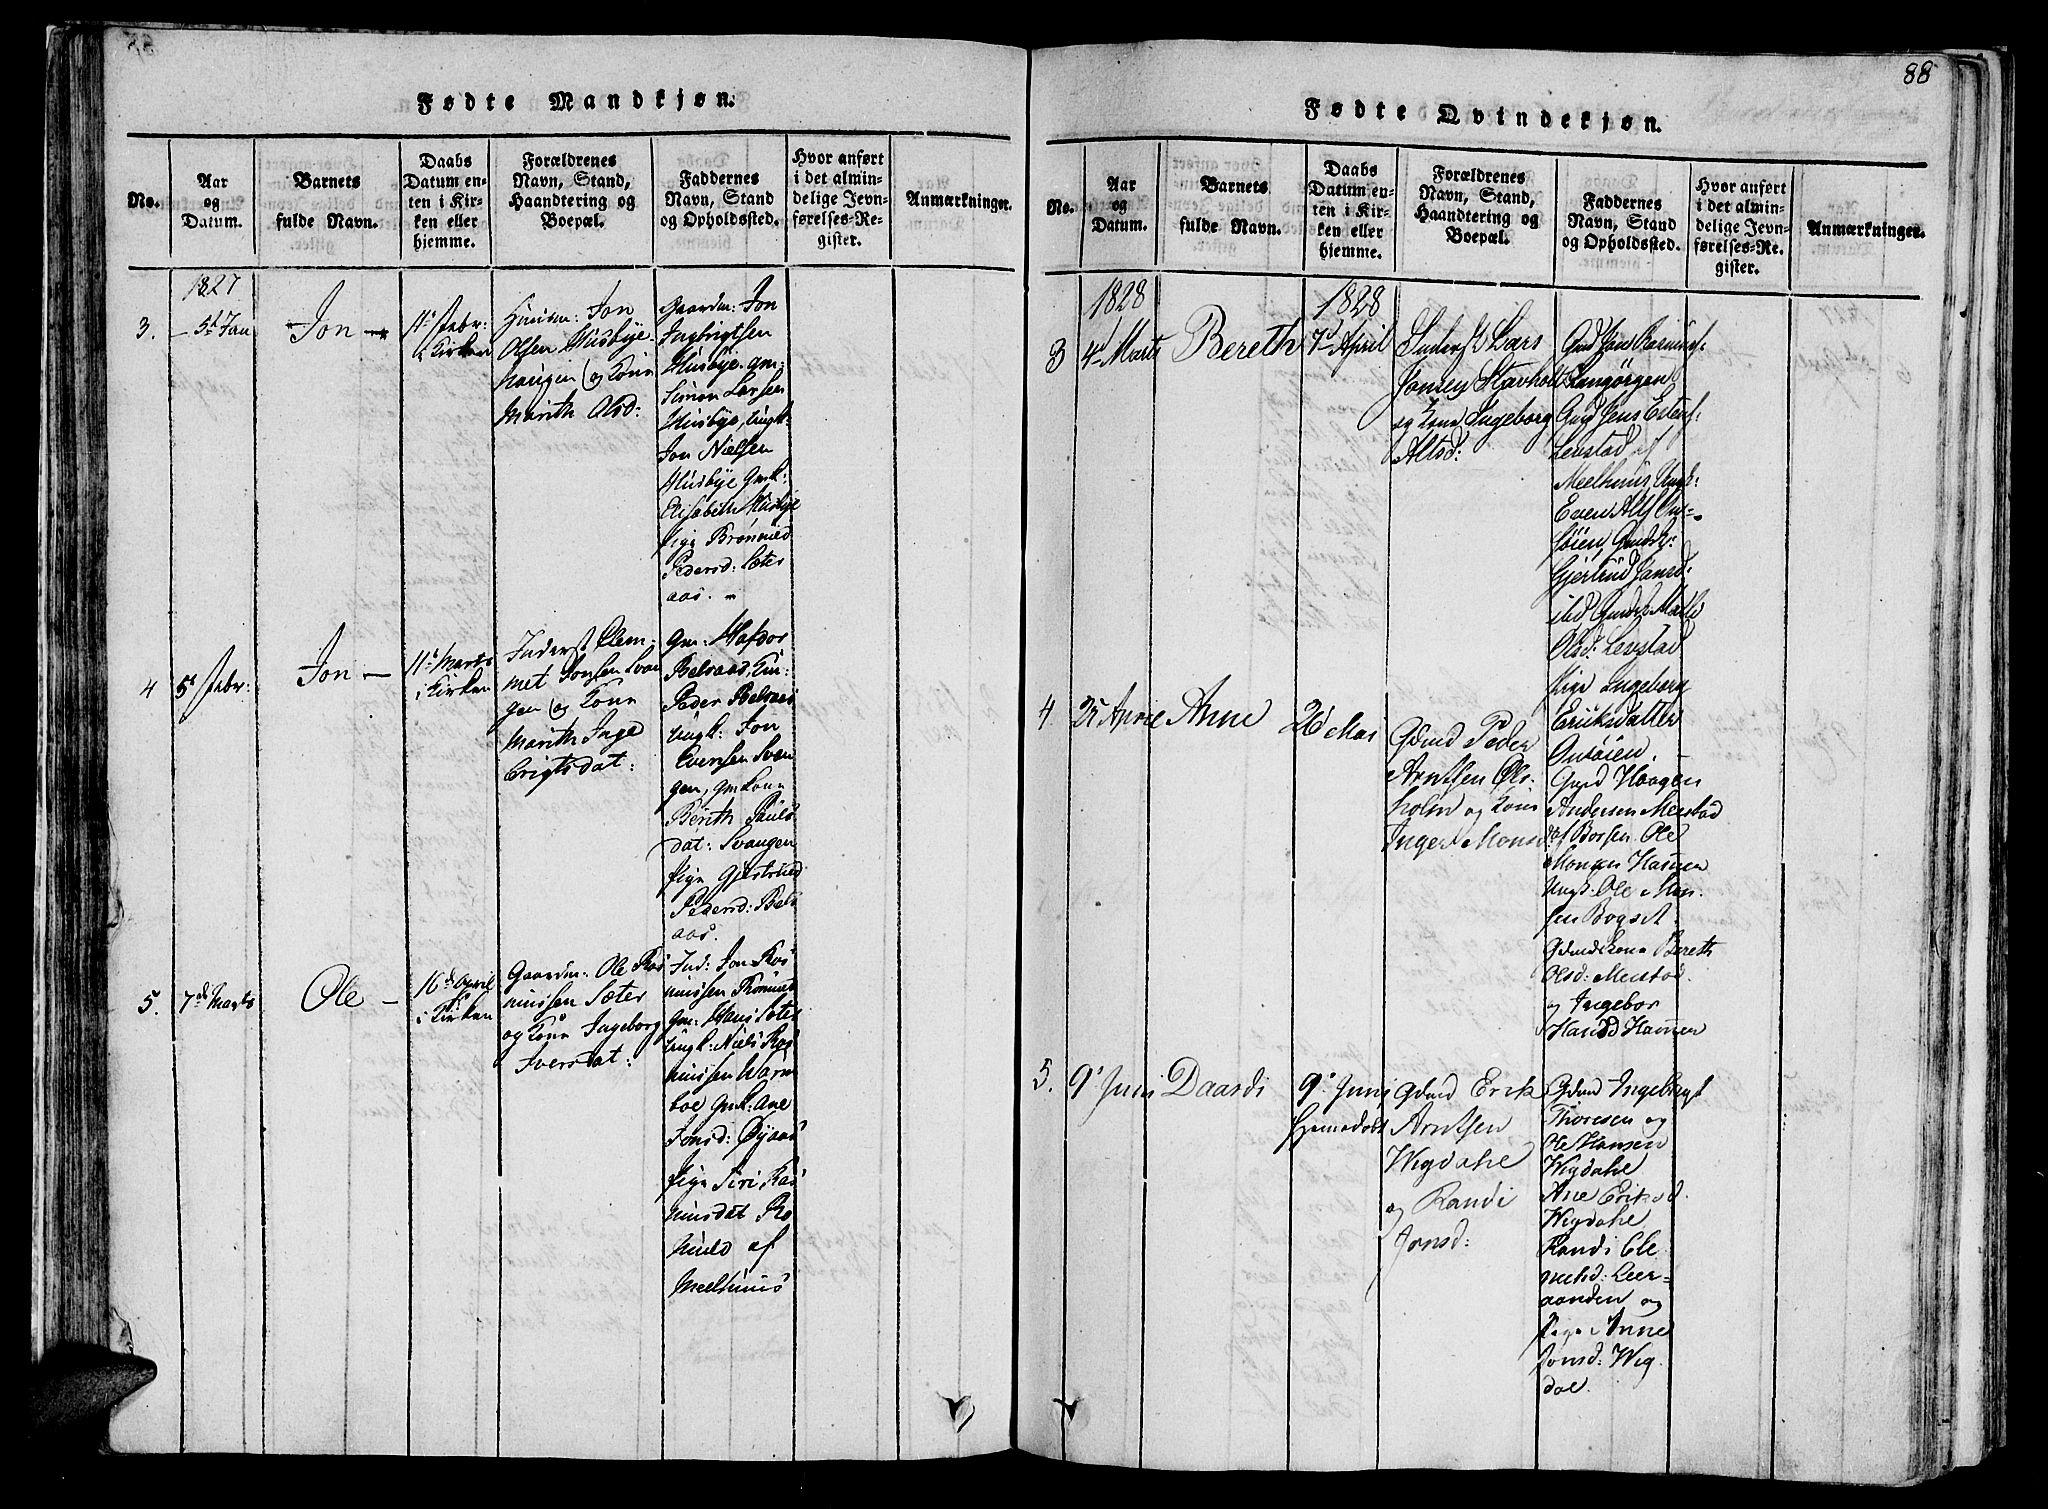 SAT, Ministerialprotokoller, klokkerbøker og fødselsregistre - Sør-Trøndelag, 612/L0373: Ministerialbok nr. 612A06 /2, 1816-1828, s. 88